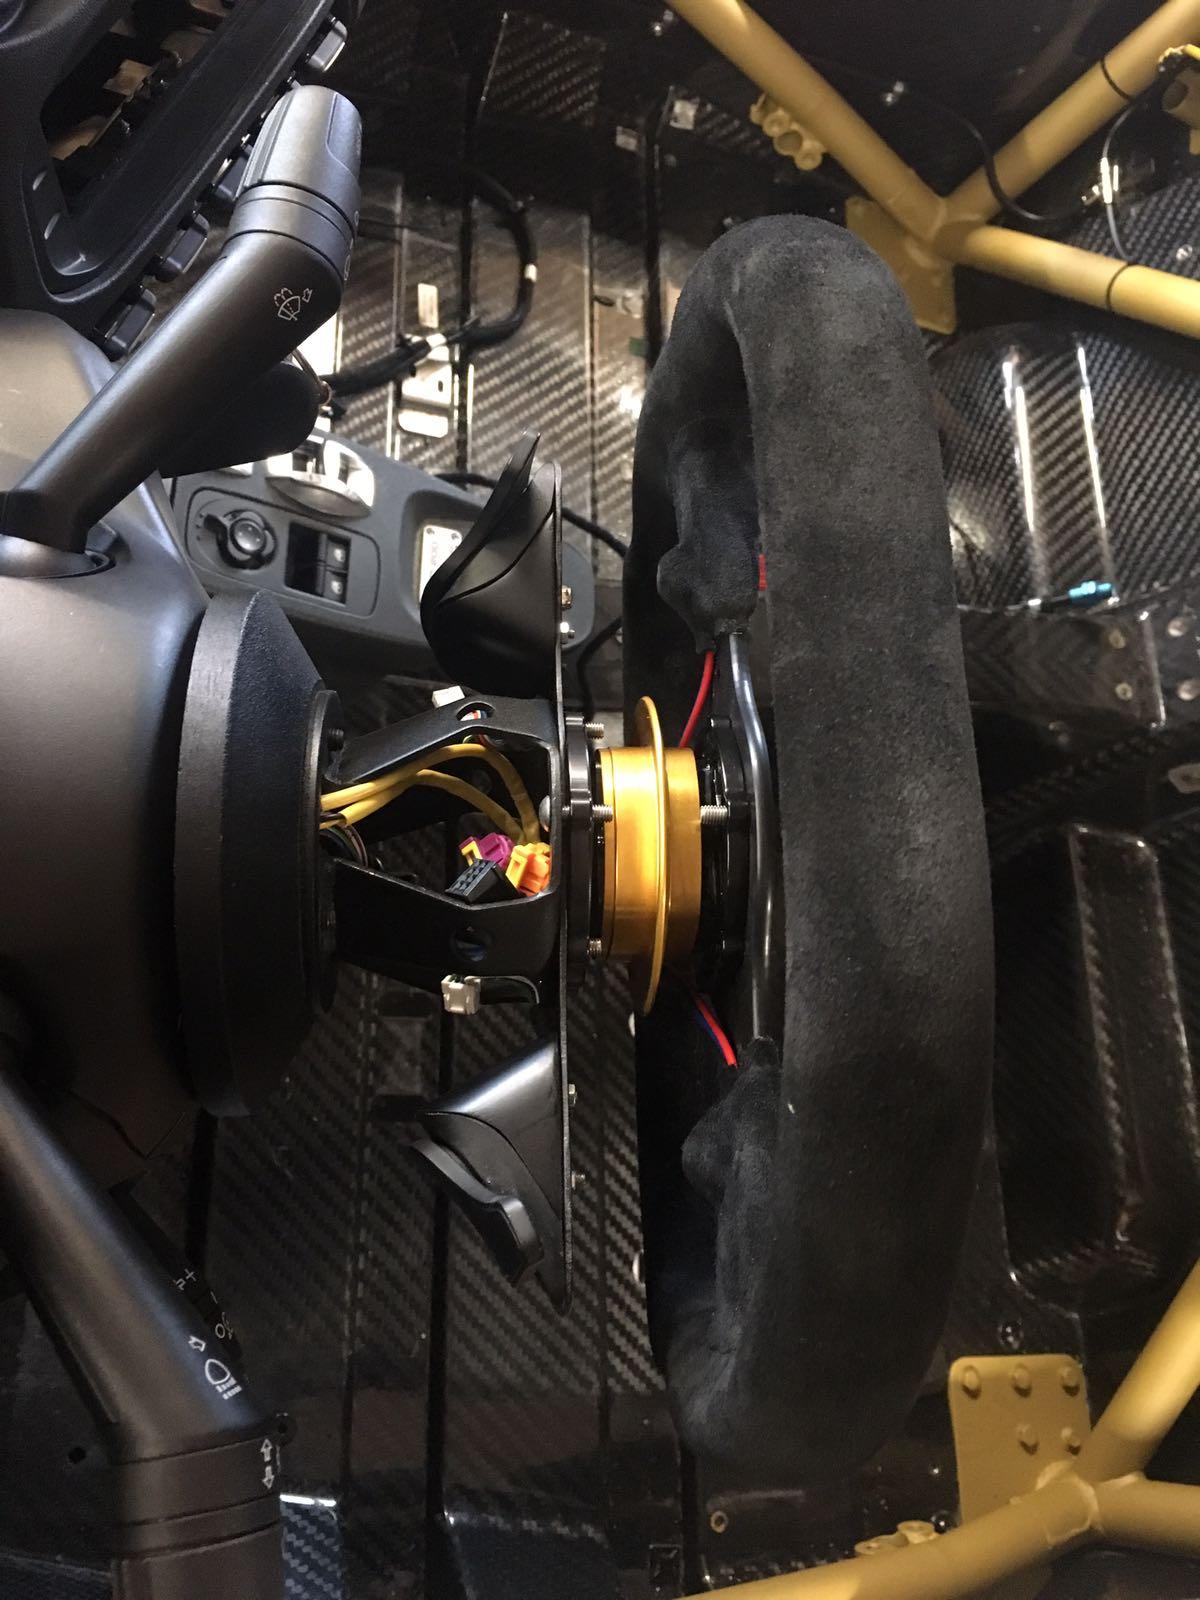 Schaltwippenadapter montiert zusammen mit den Schaltwippen im Cockpit des Alfa Romeo 4C